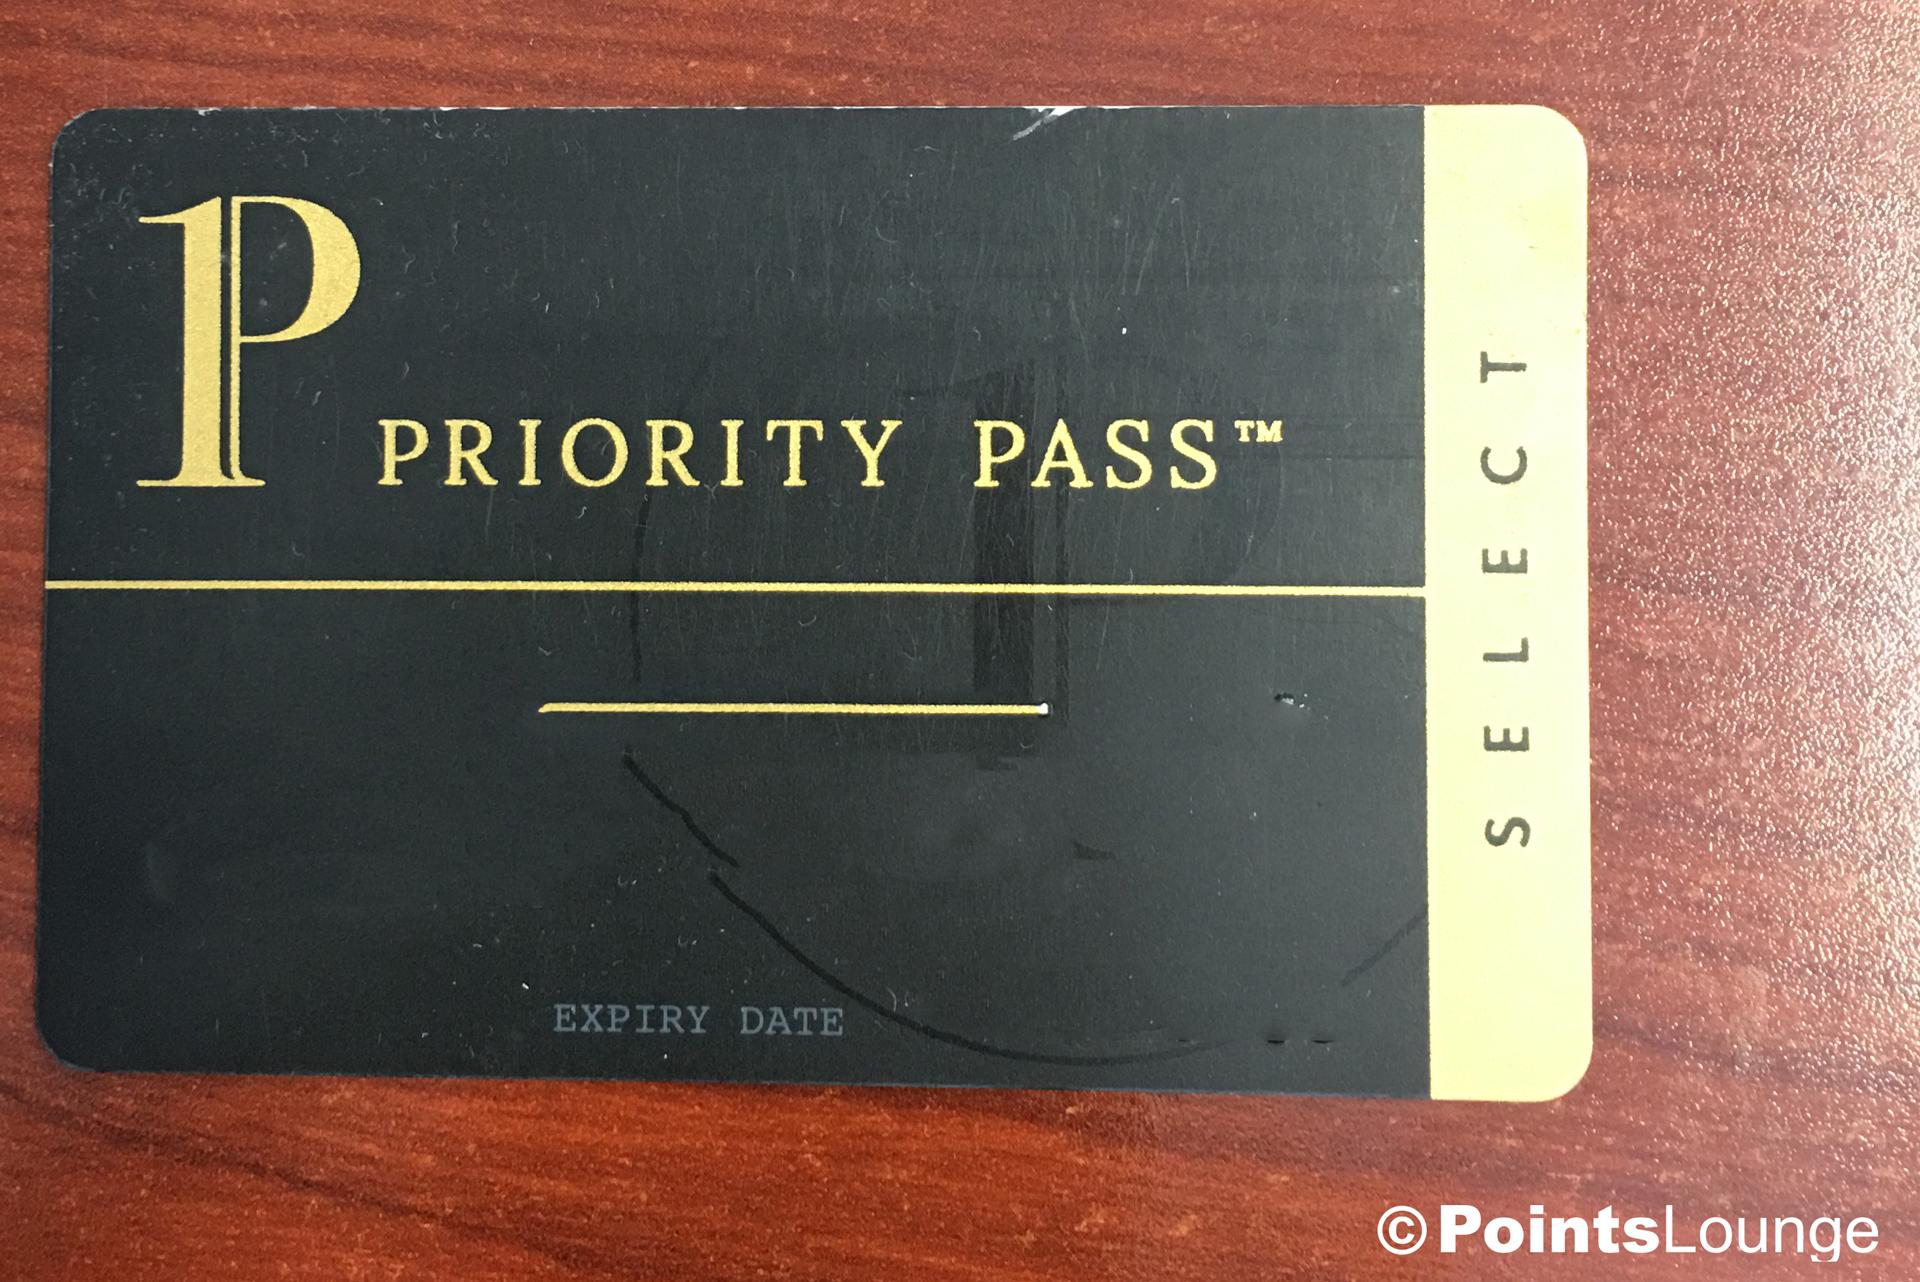 Priority Pass Select membership card.